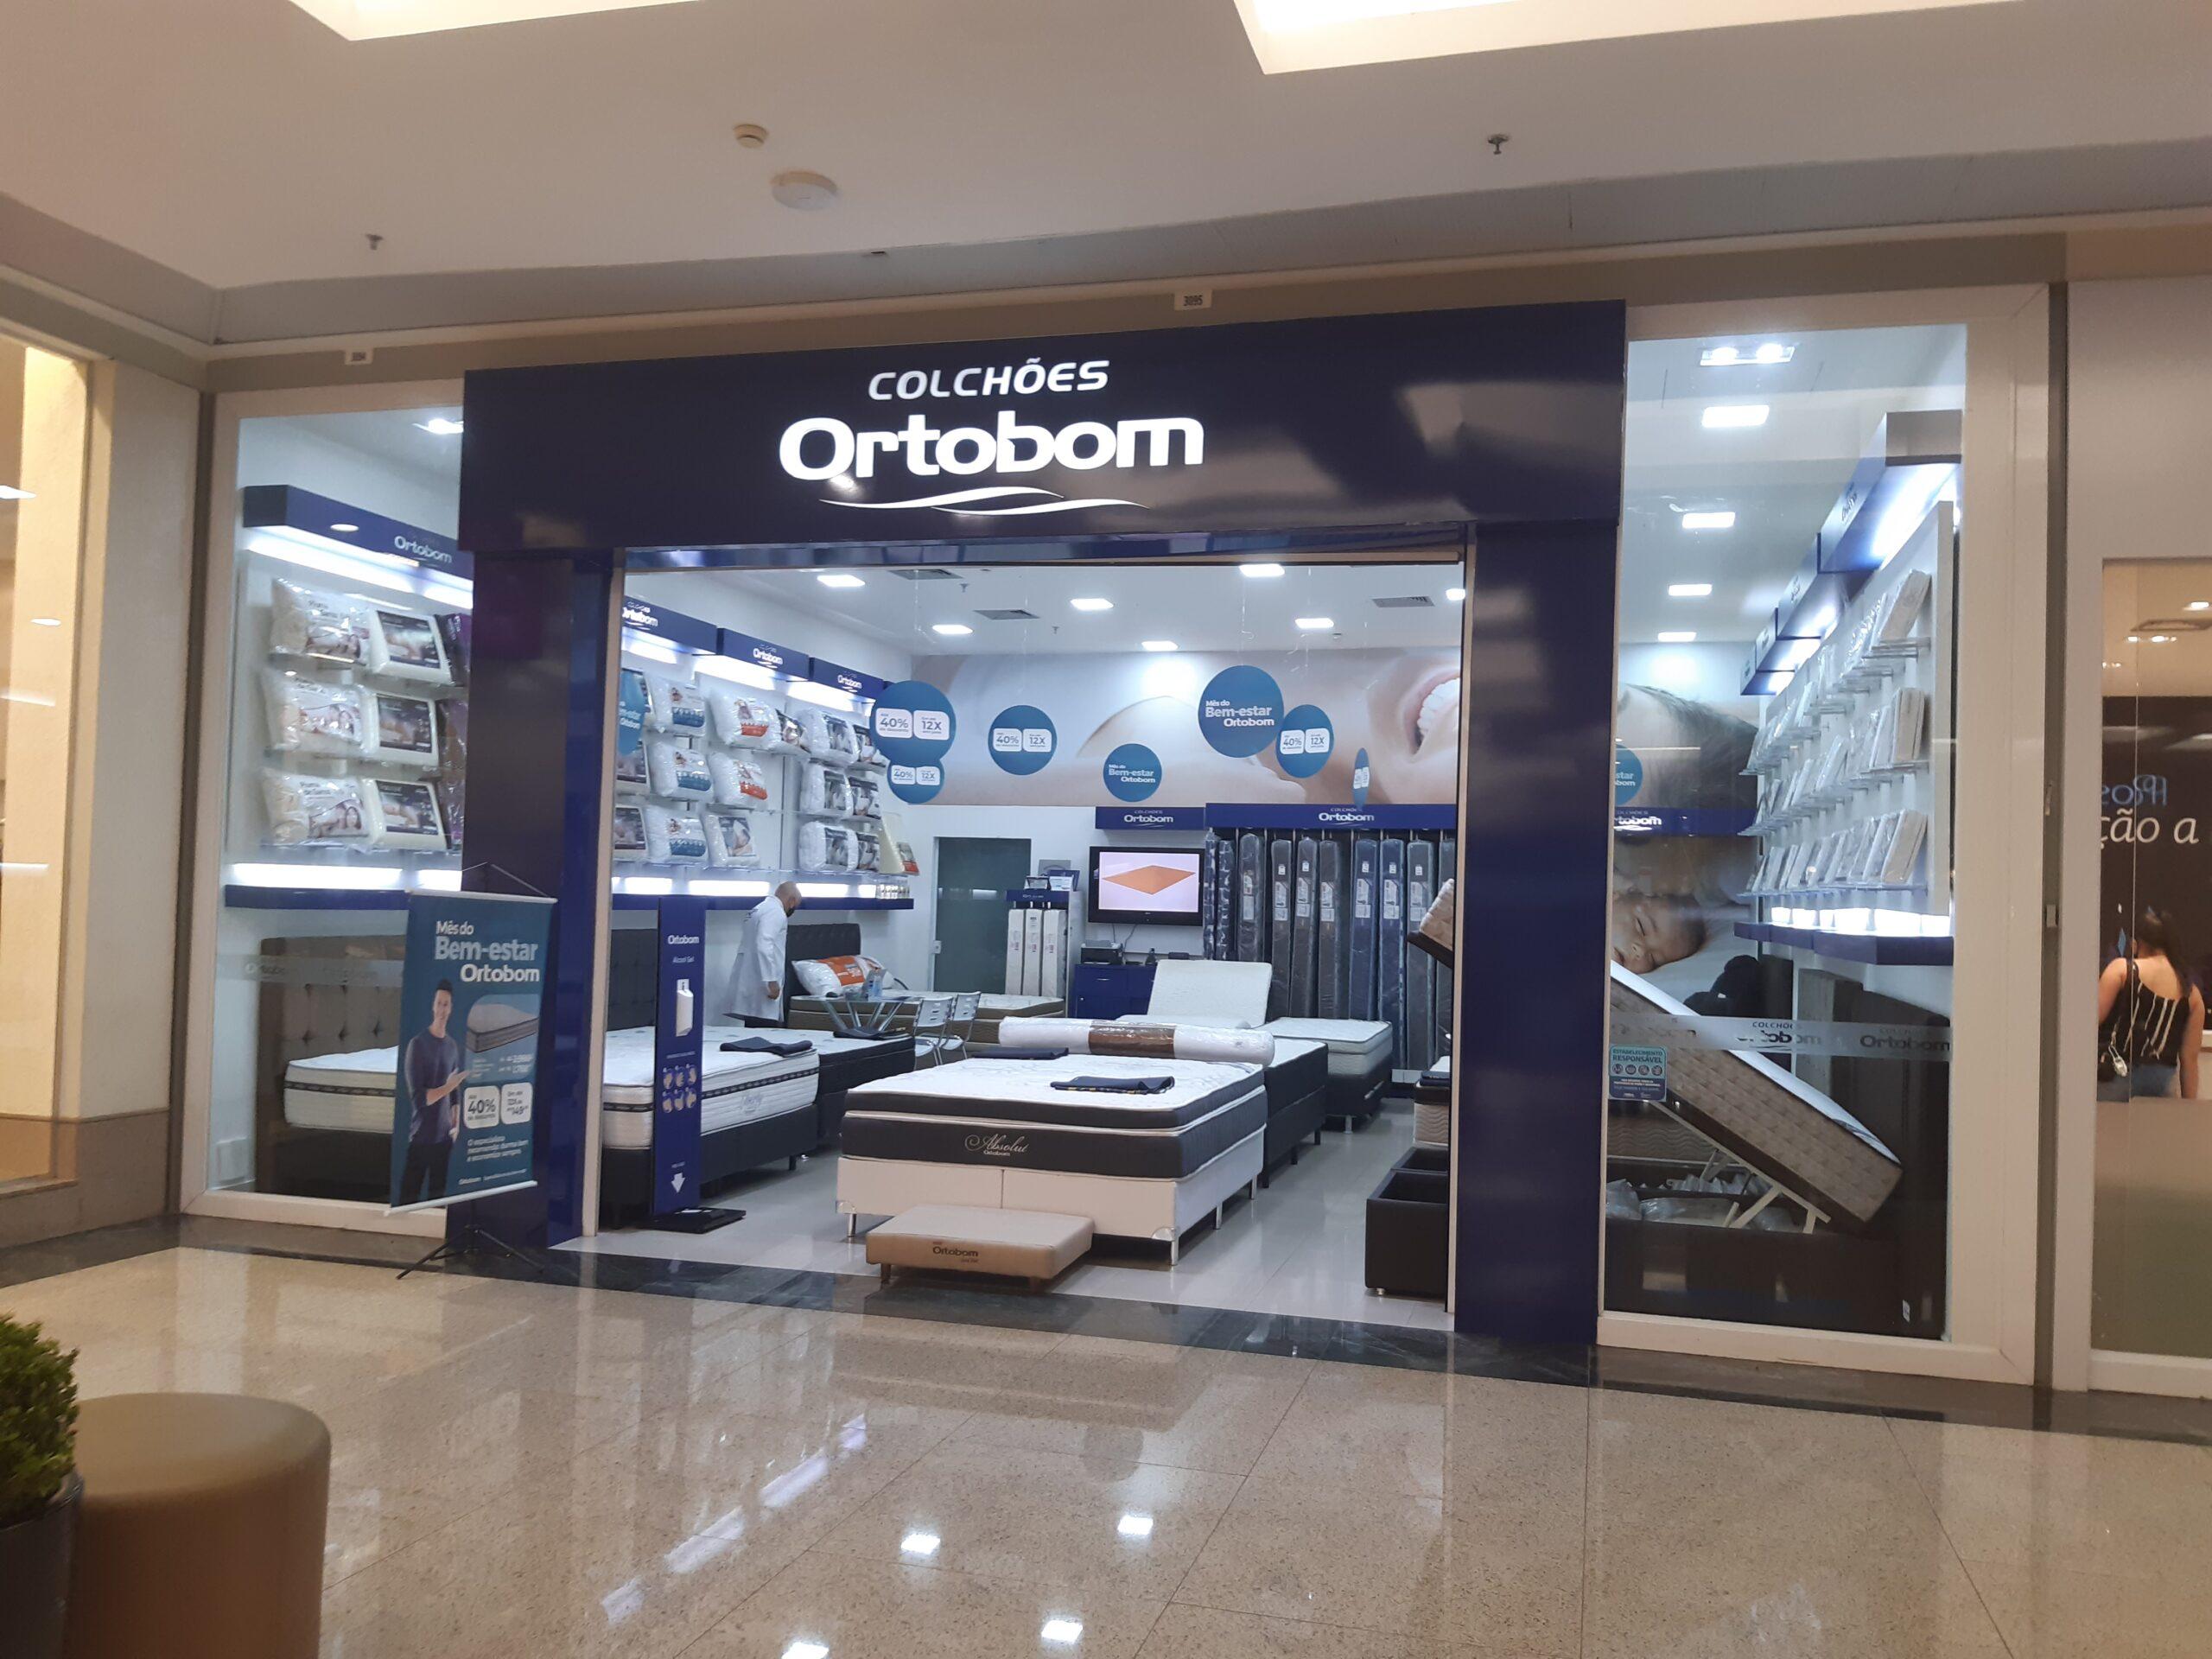 Ortobom do Taguatinga Shopping, Comércio Brasilia